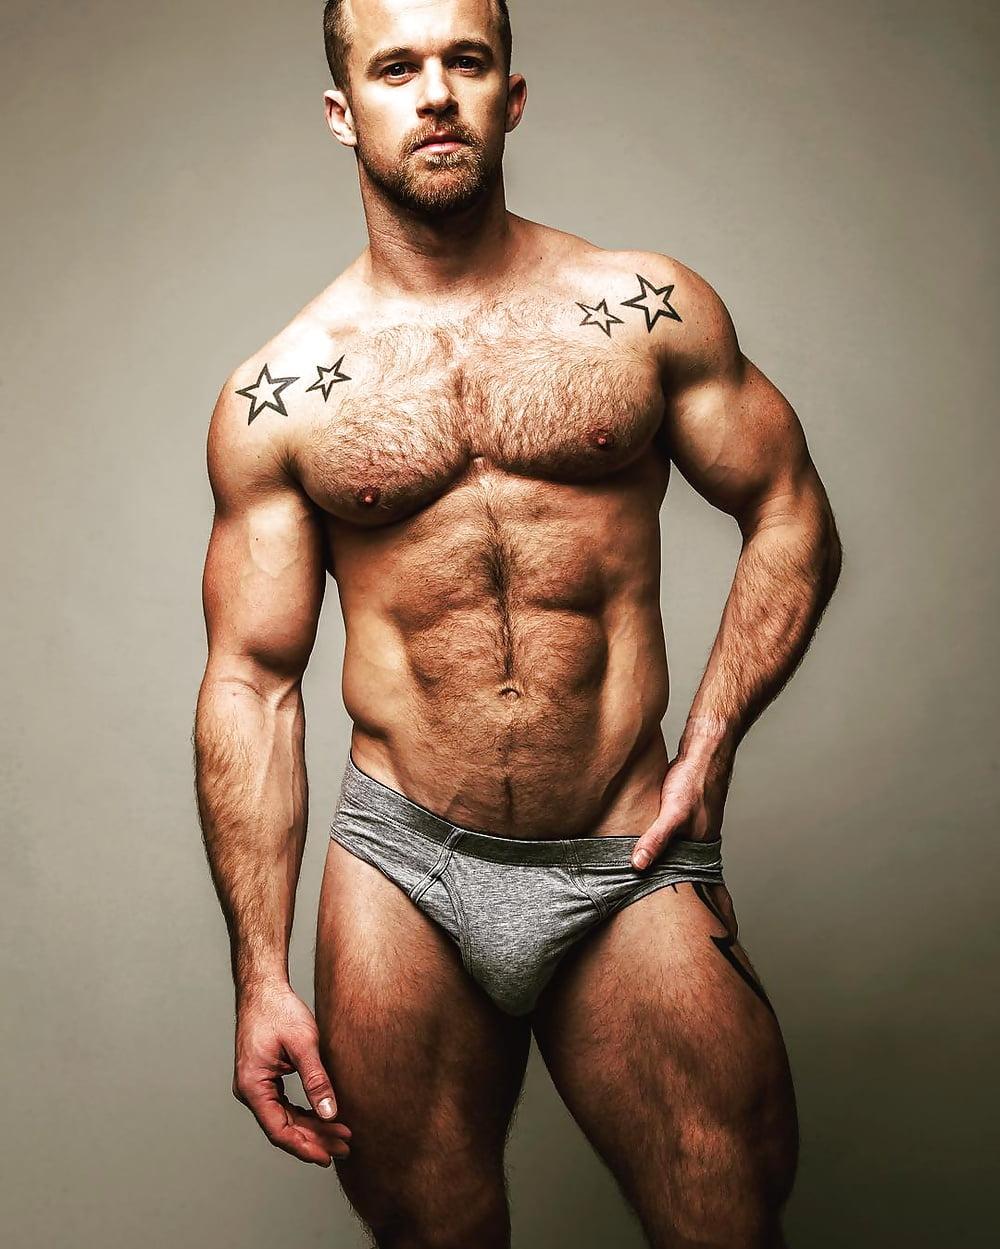 Boy gay nude tumblr-4575